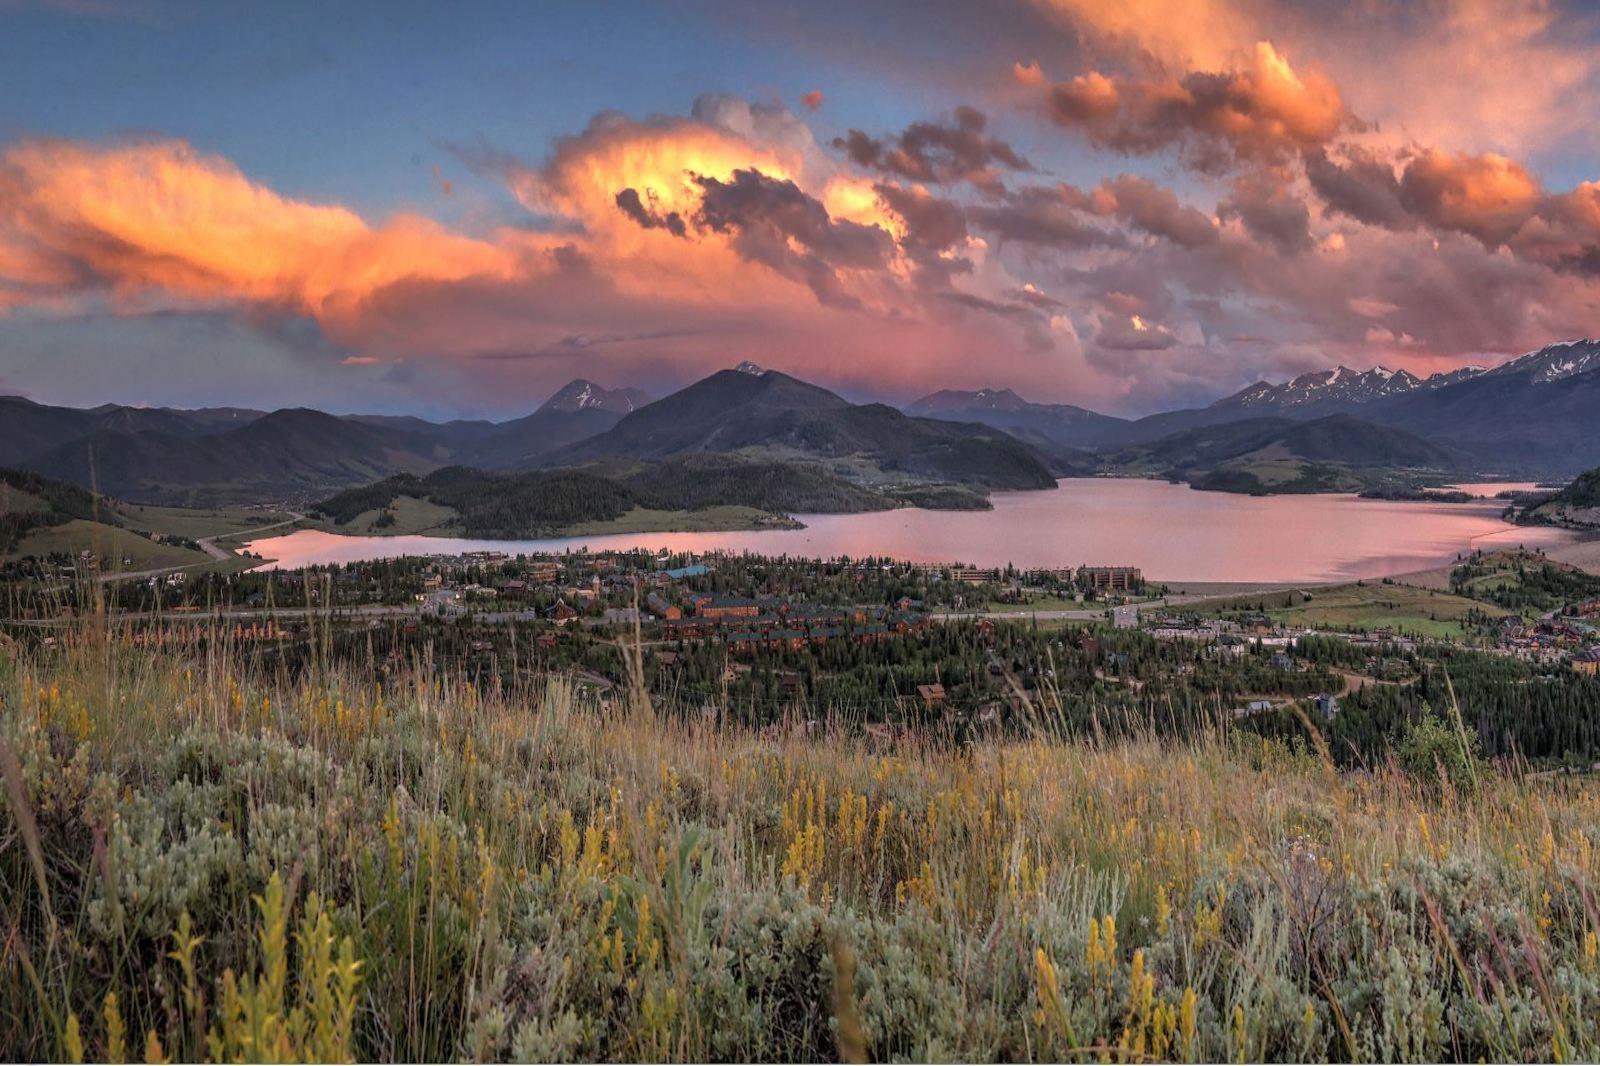 Il meglio dell'estate a Silverthorne e Dillon, in Colorado